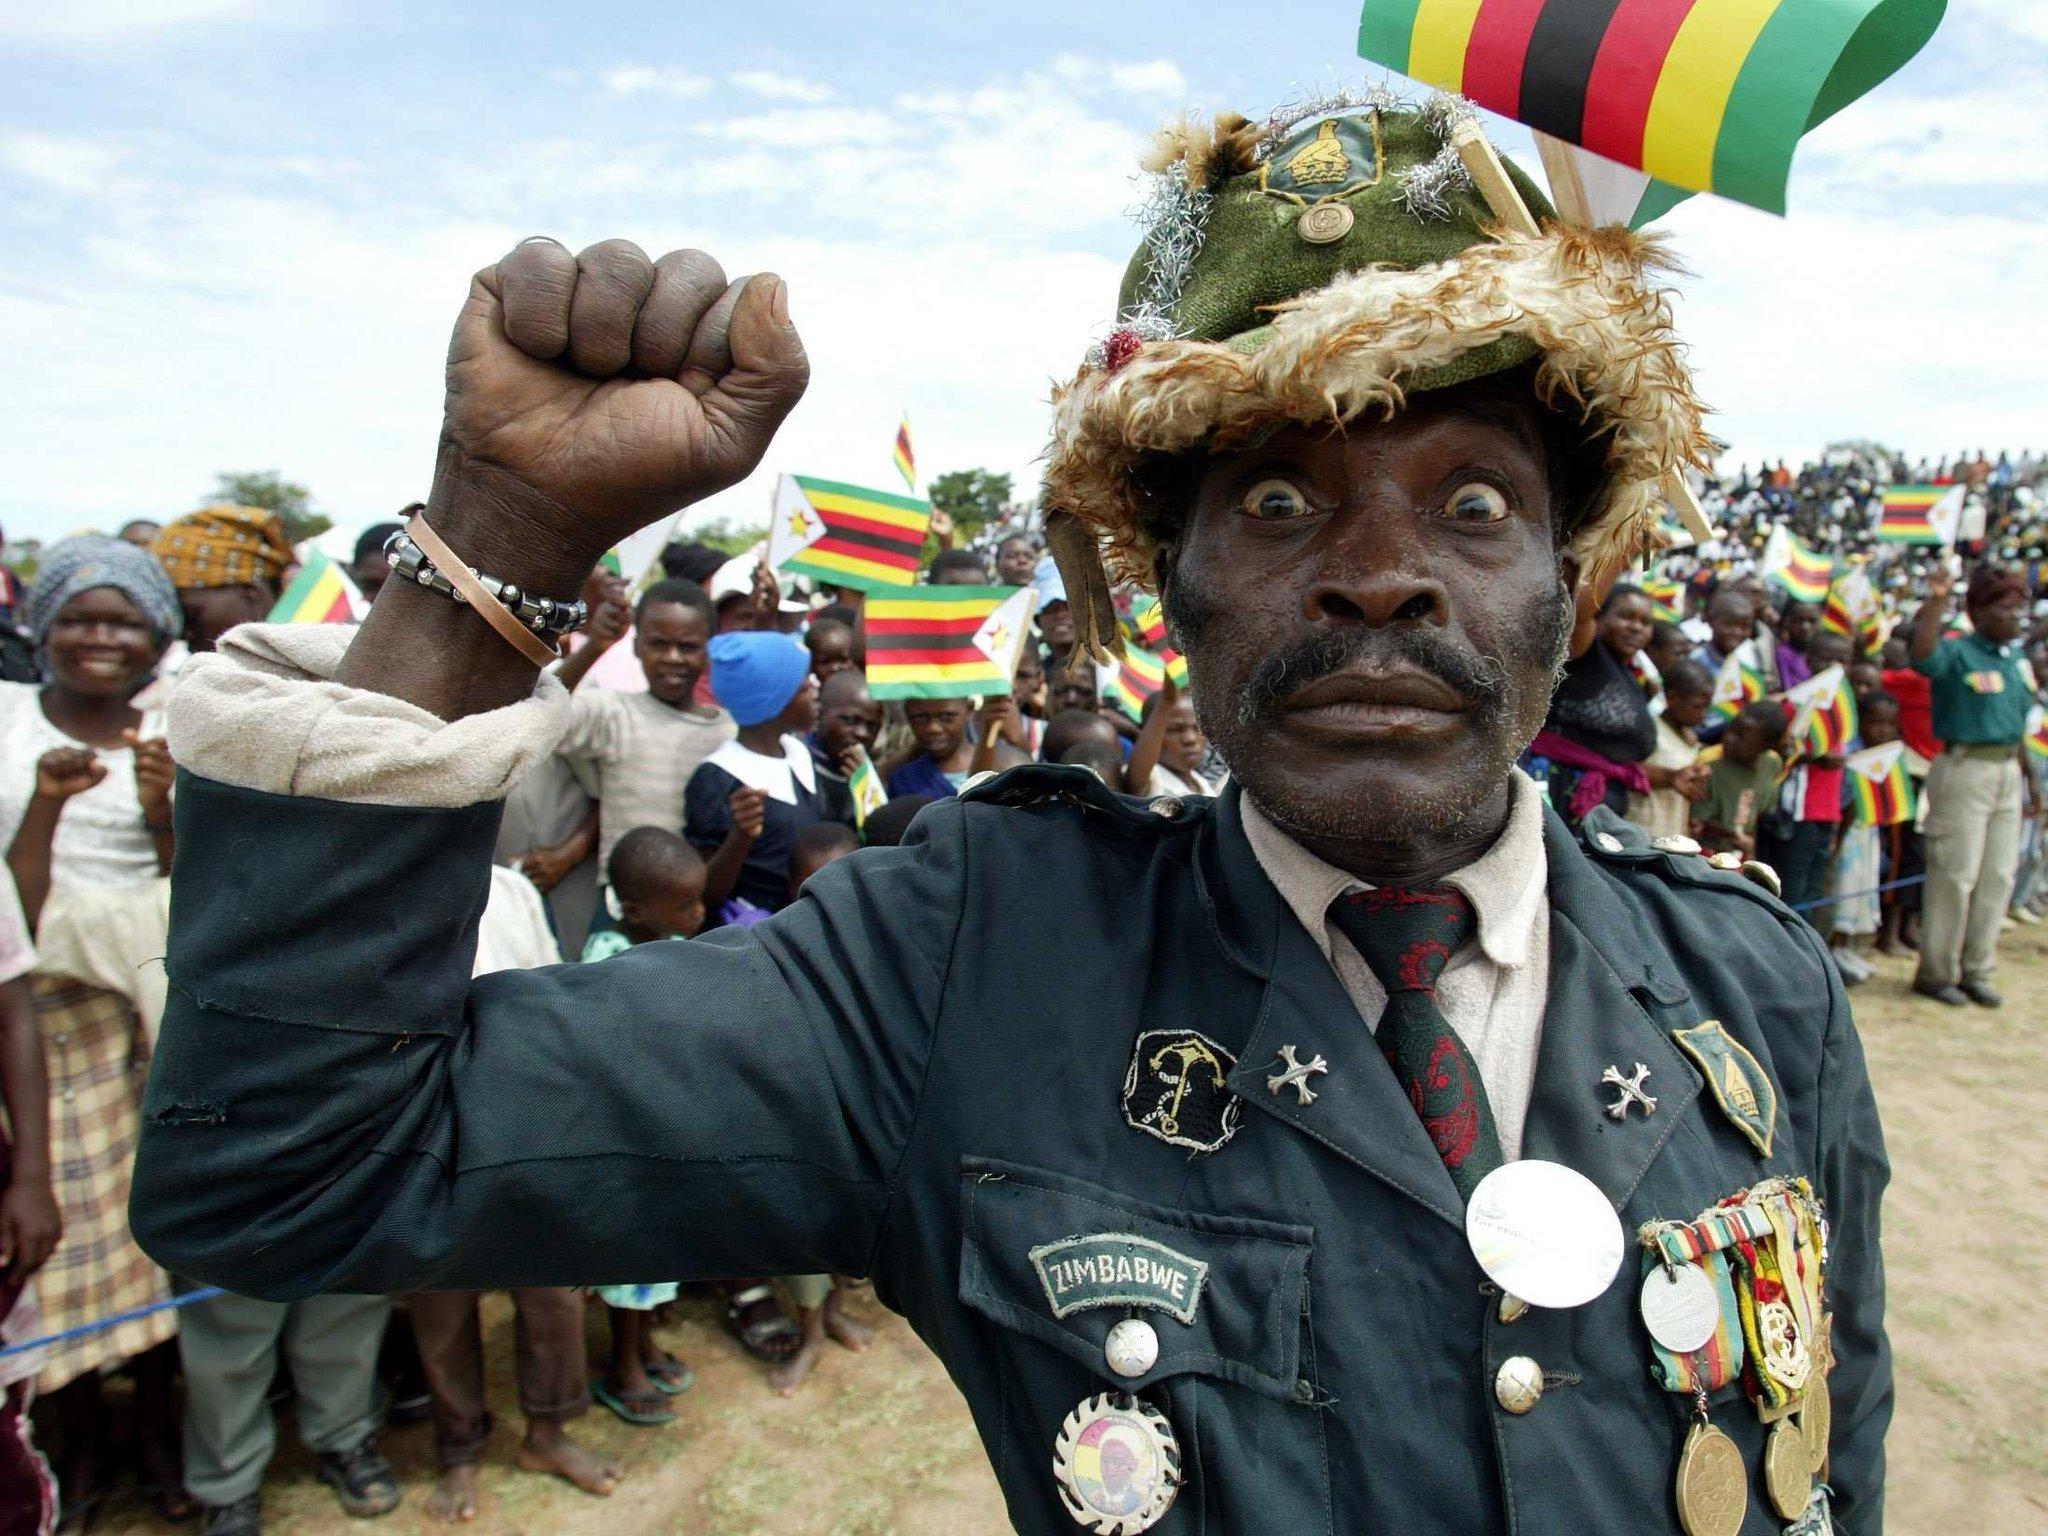 сорок африканские приколы фото что обратить внимание